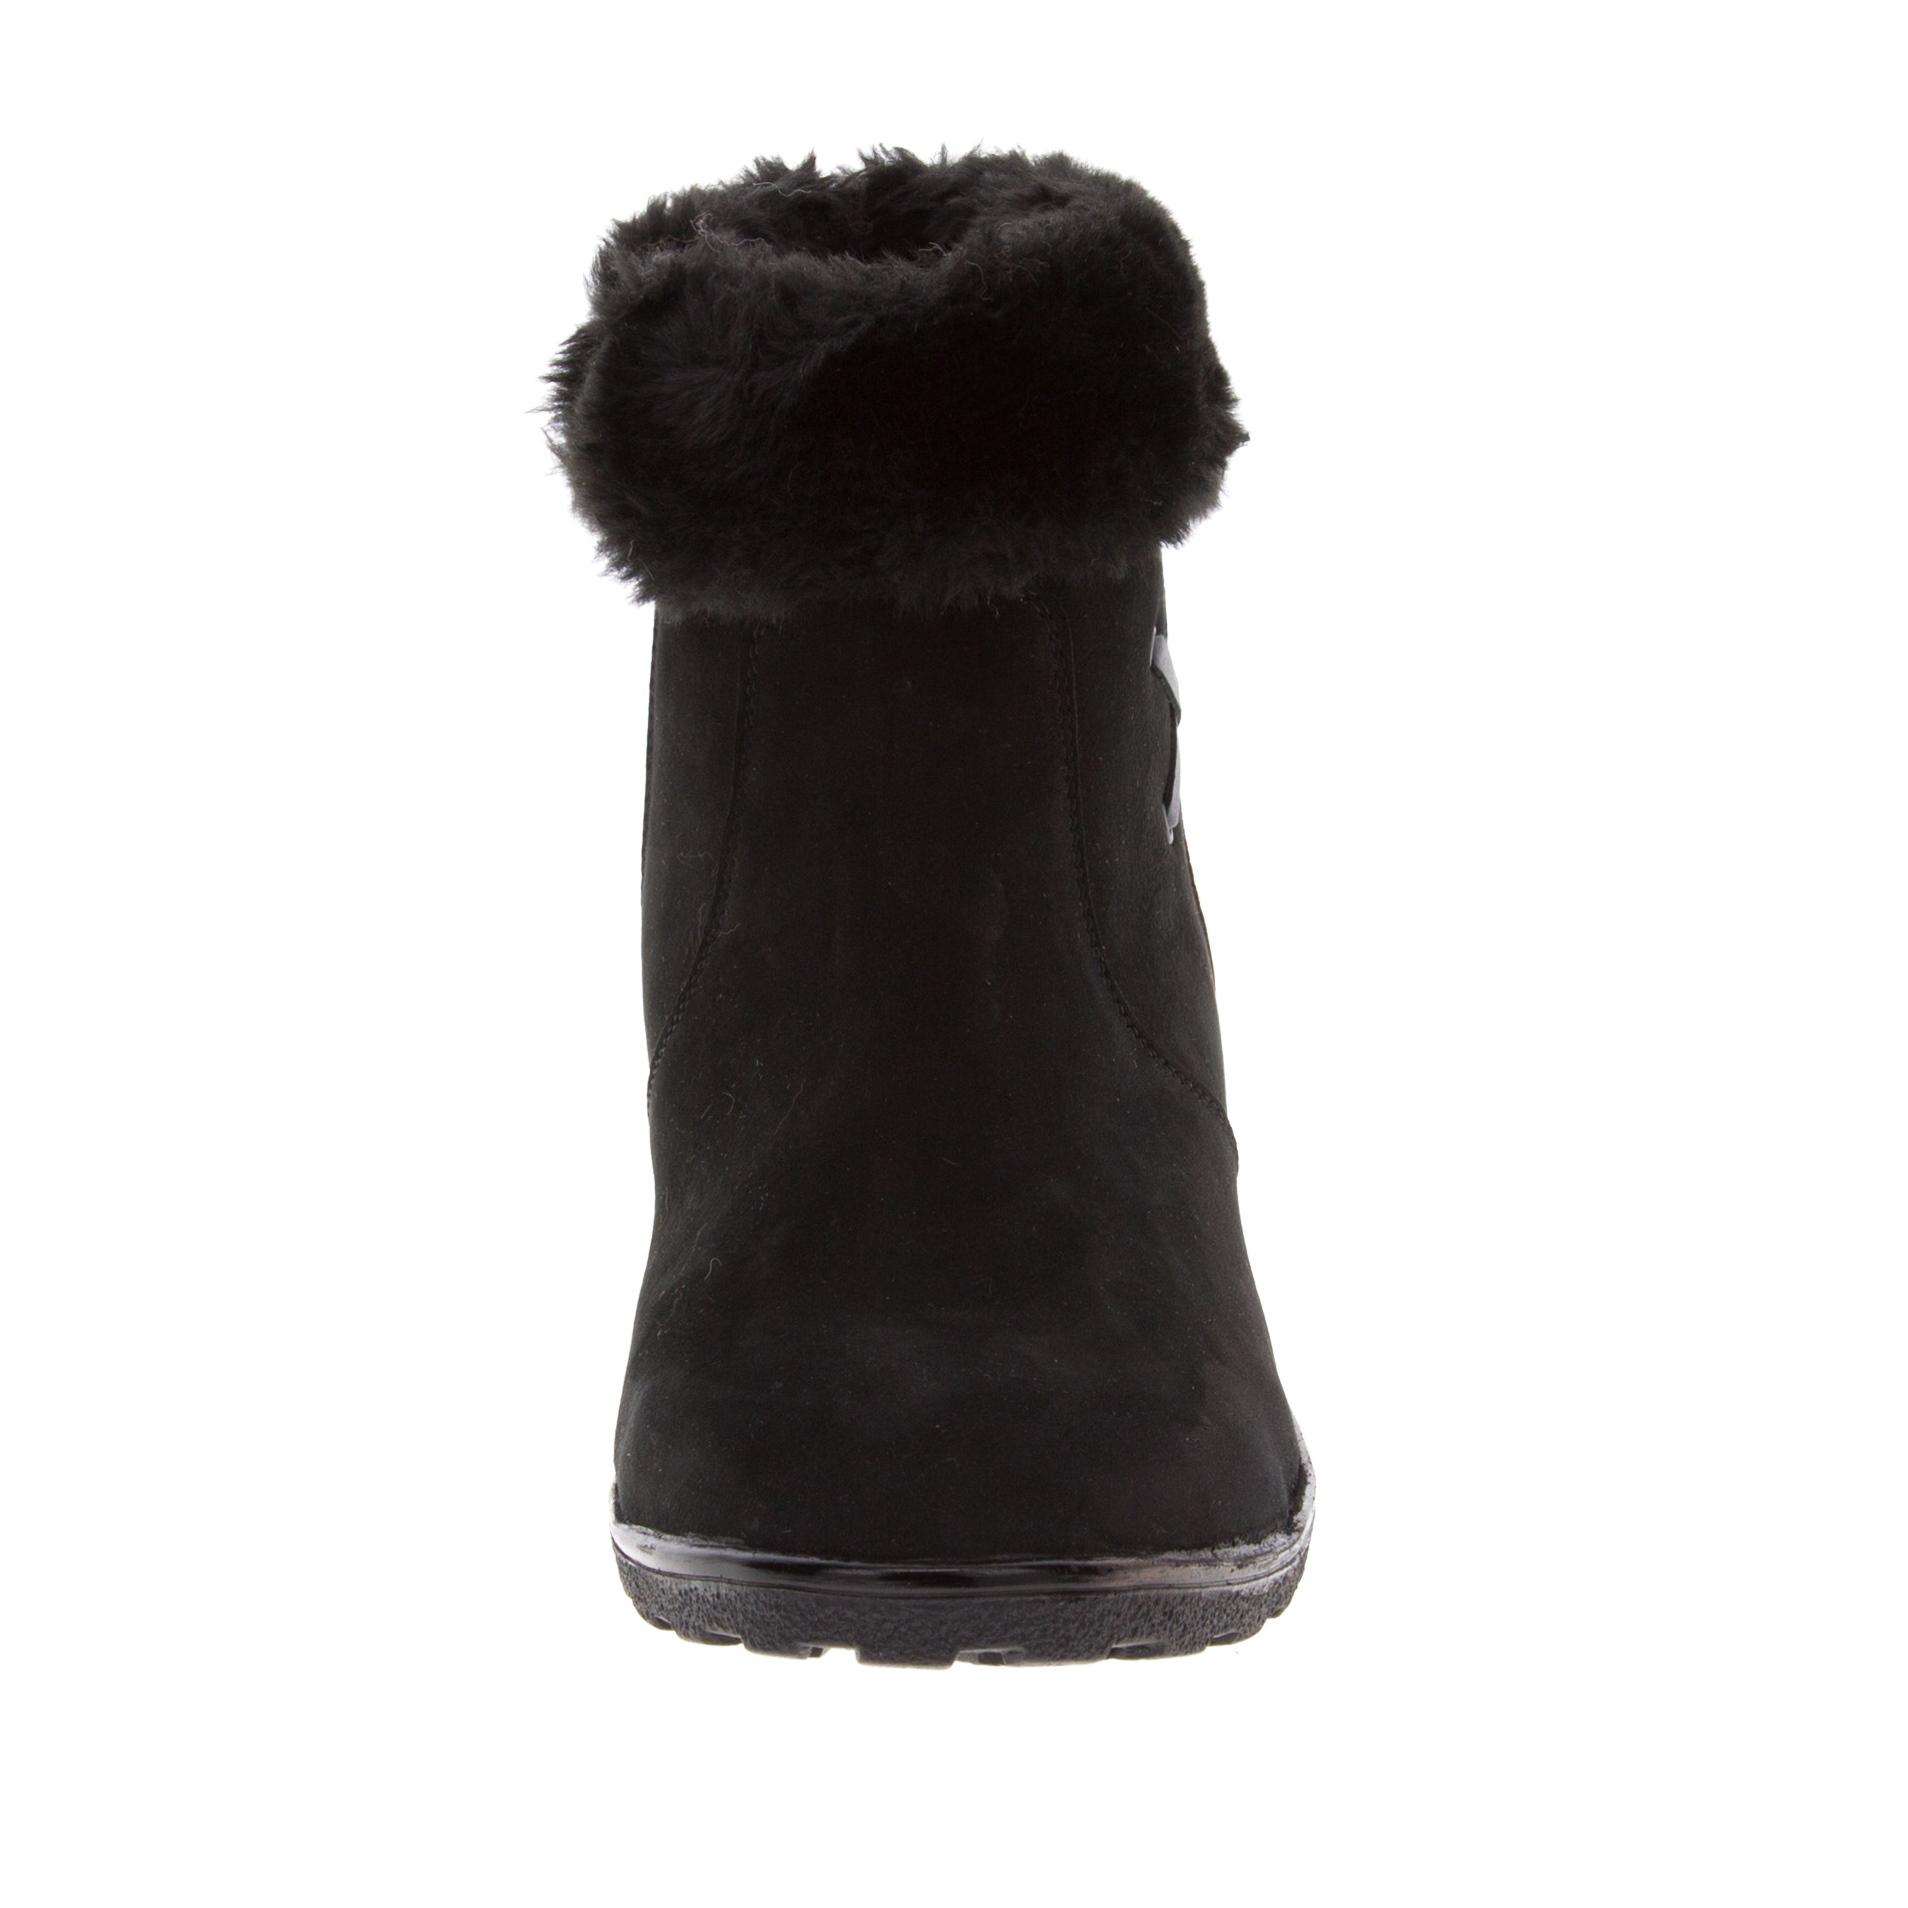 574401 Полусапожки женские черные больших размеров марки Делфино